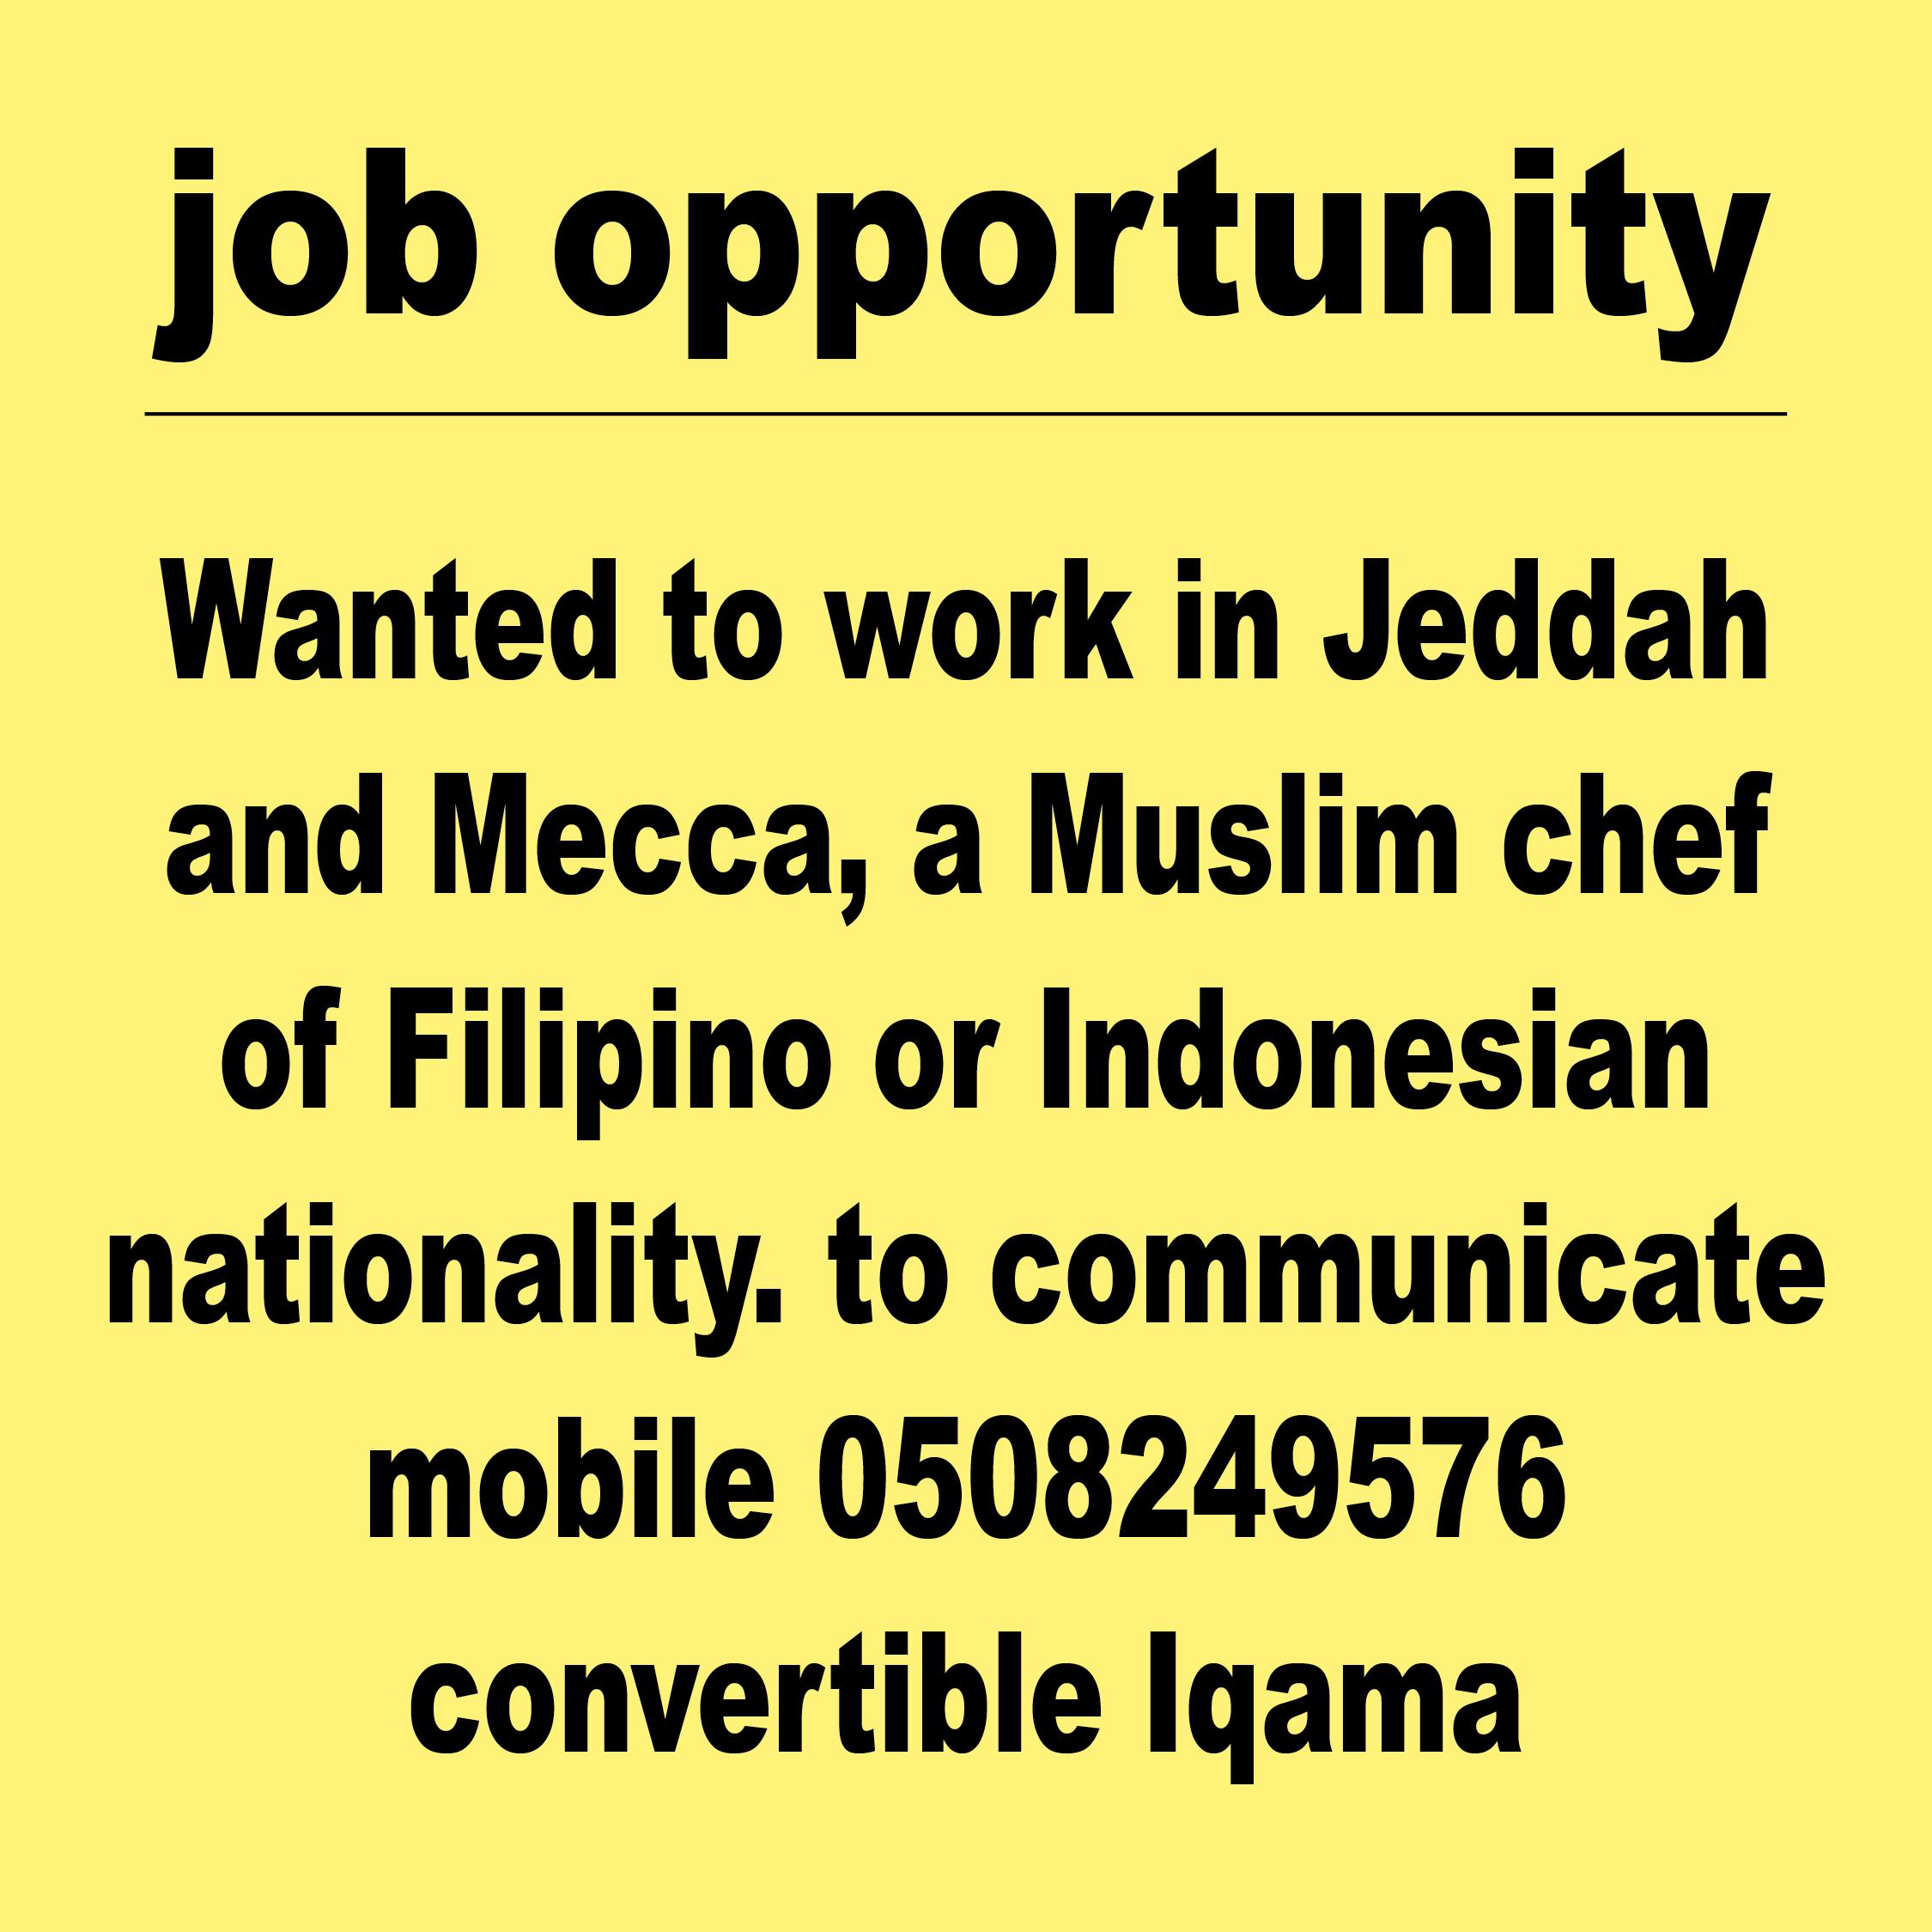 Jop opportunity